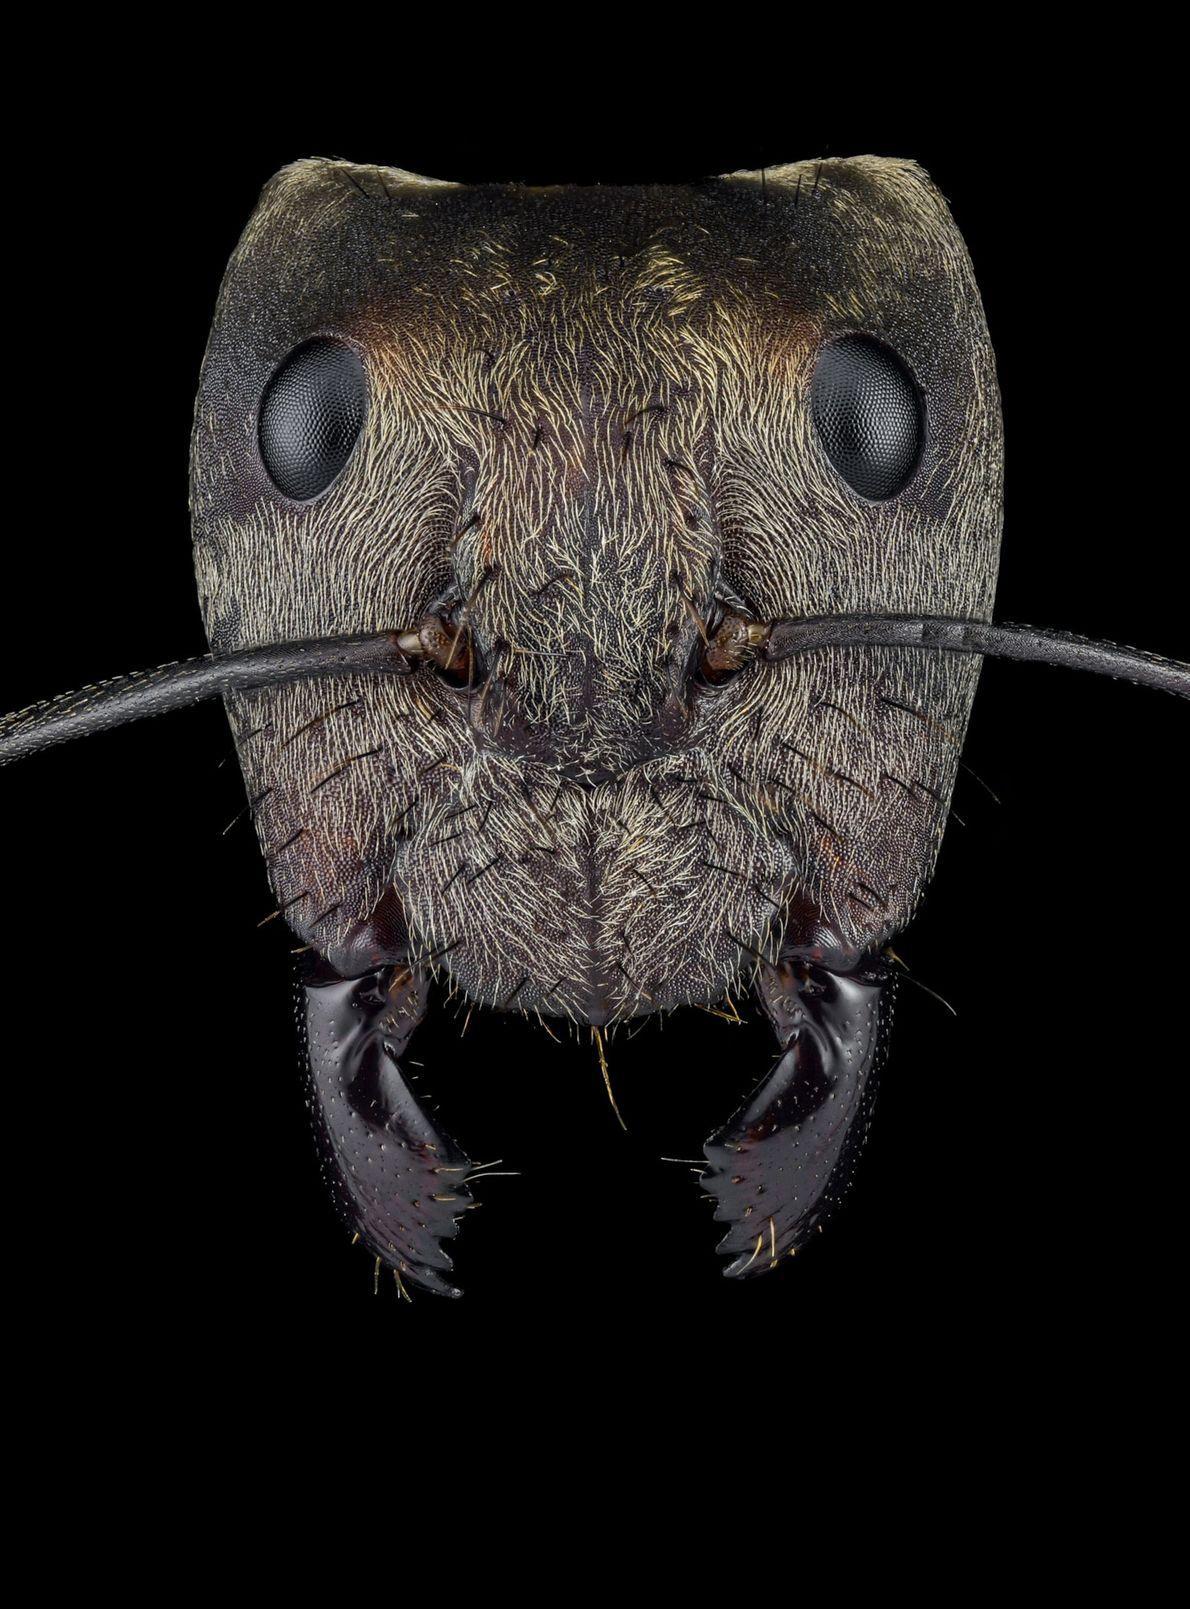 Camponotus sericeiventris - Mexico